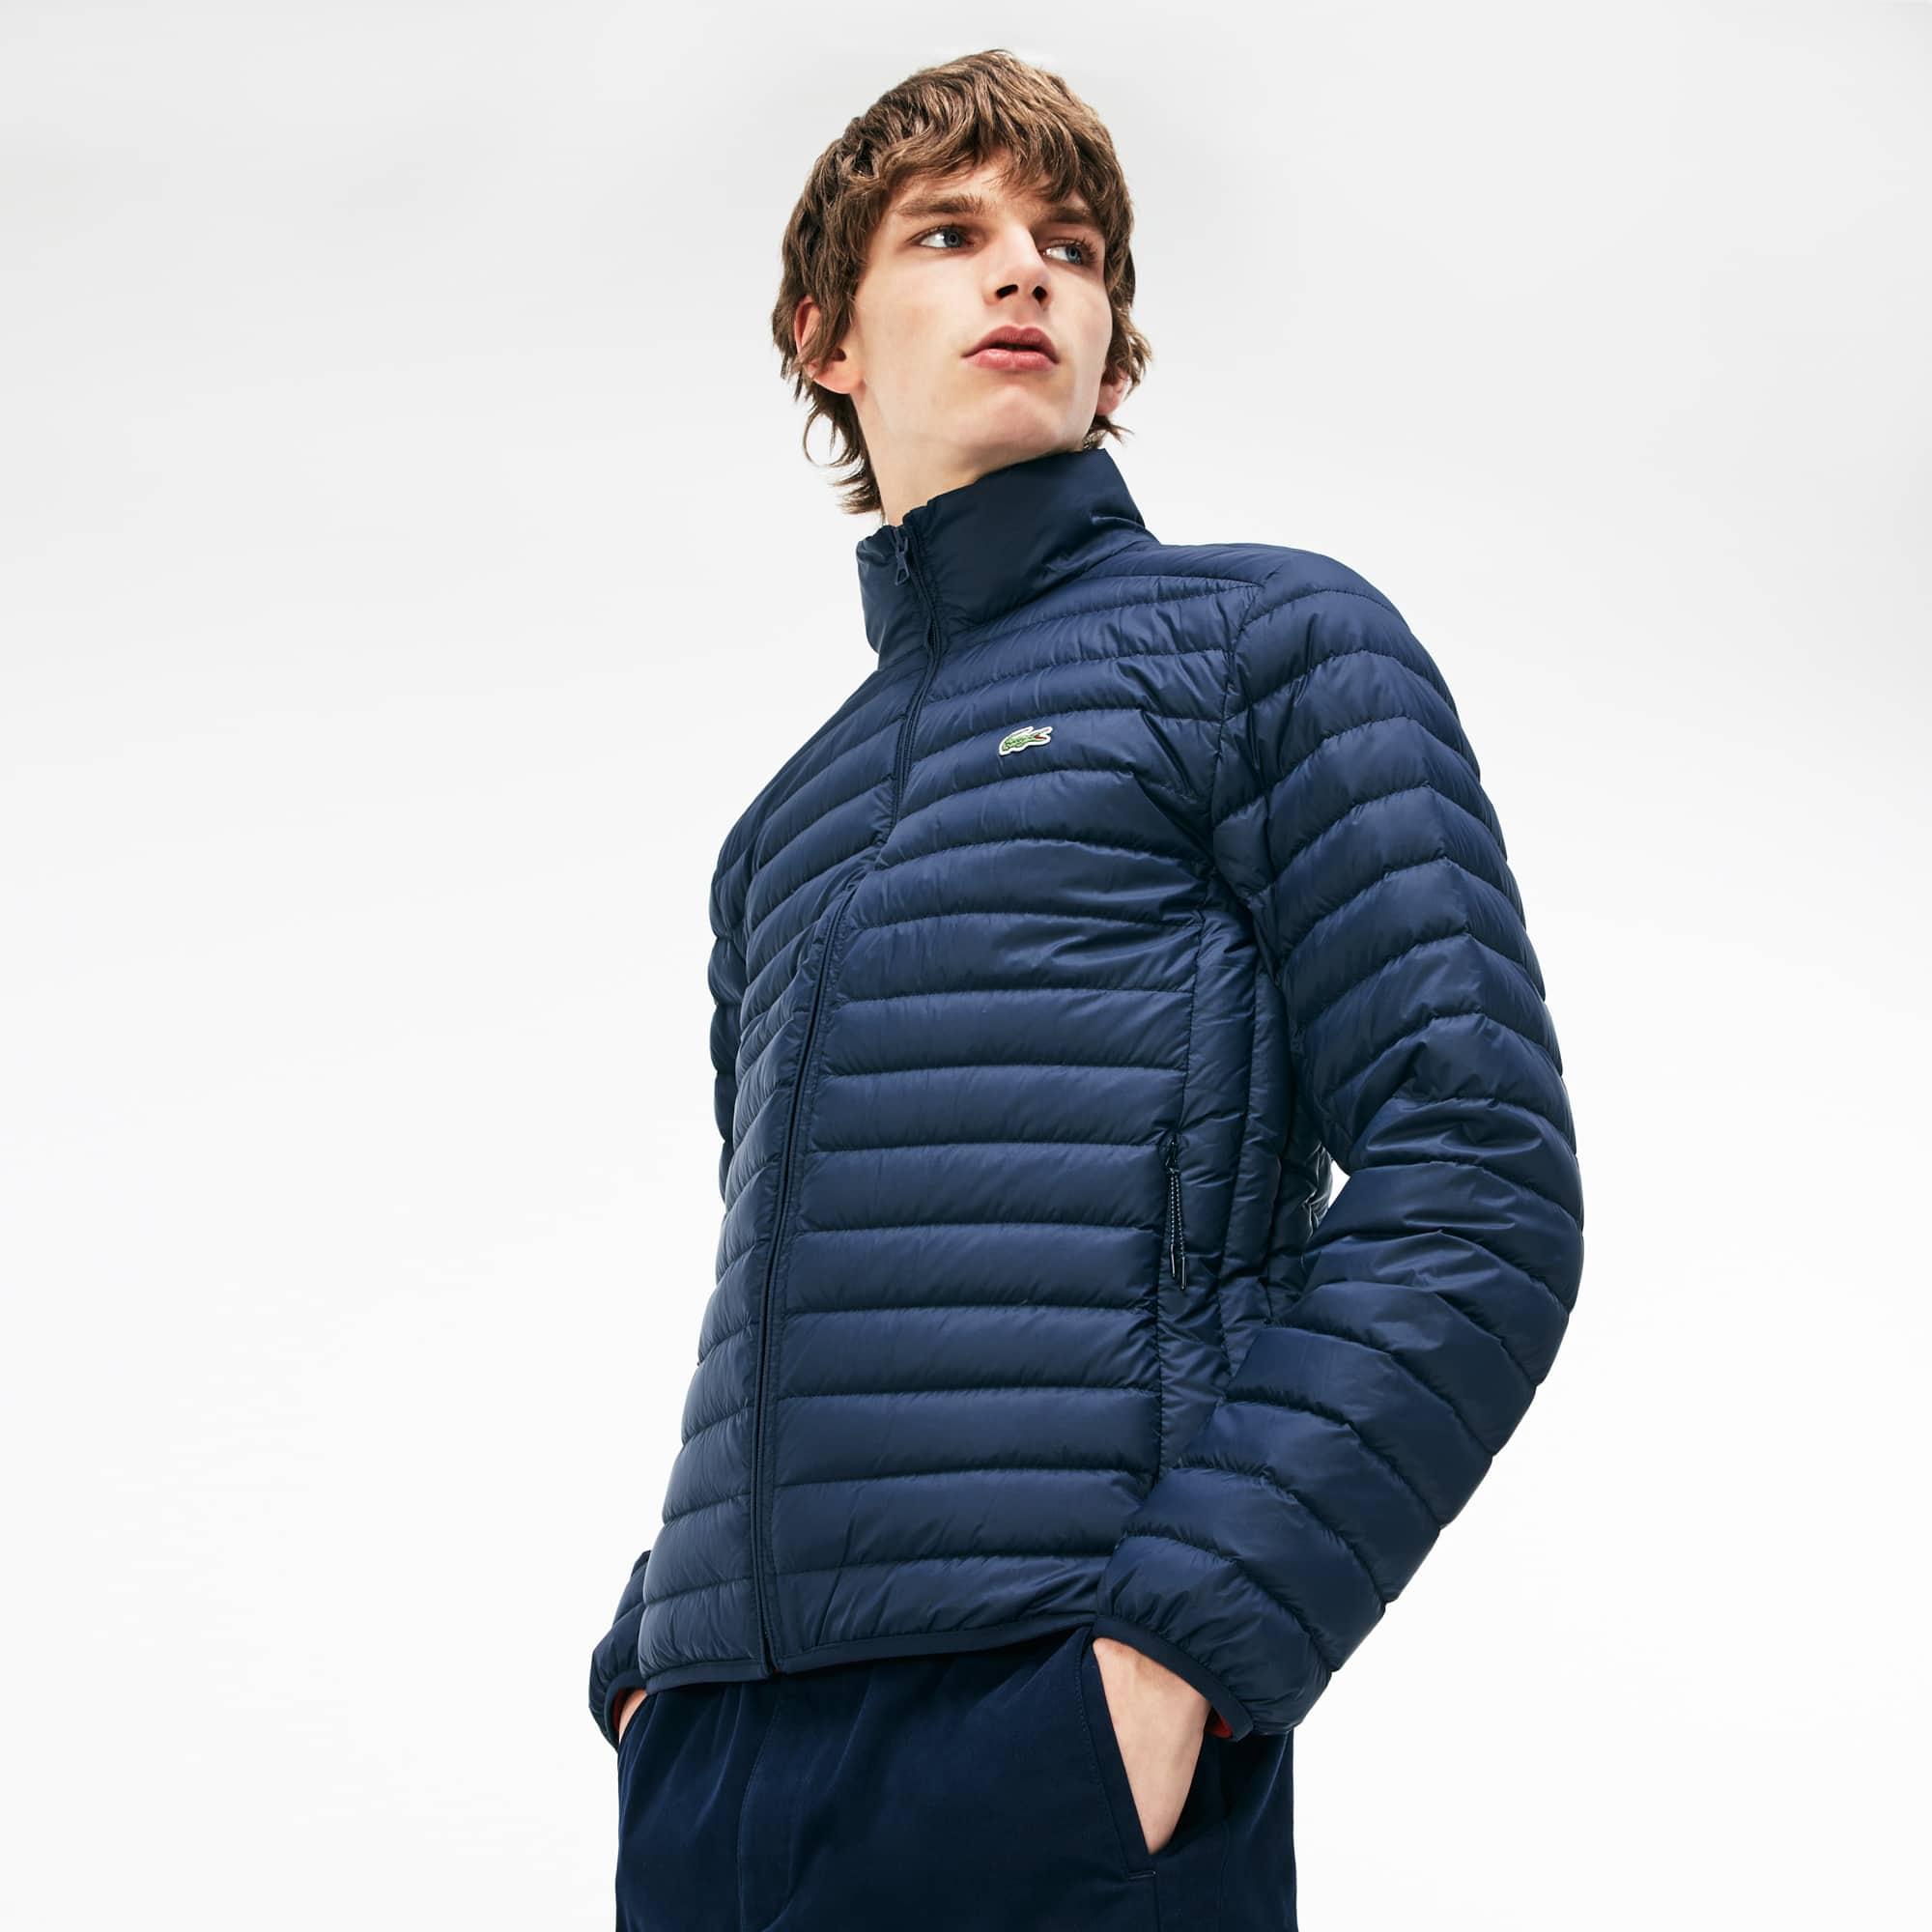 Lacoste Blousons Homme Vêtements amp; Manteaux ZC0qw85